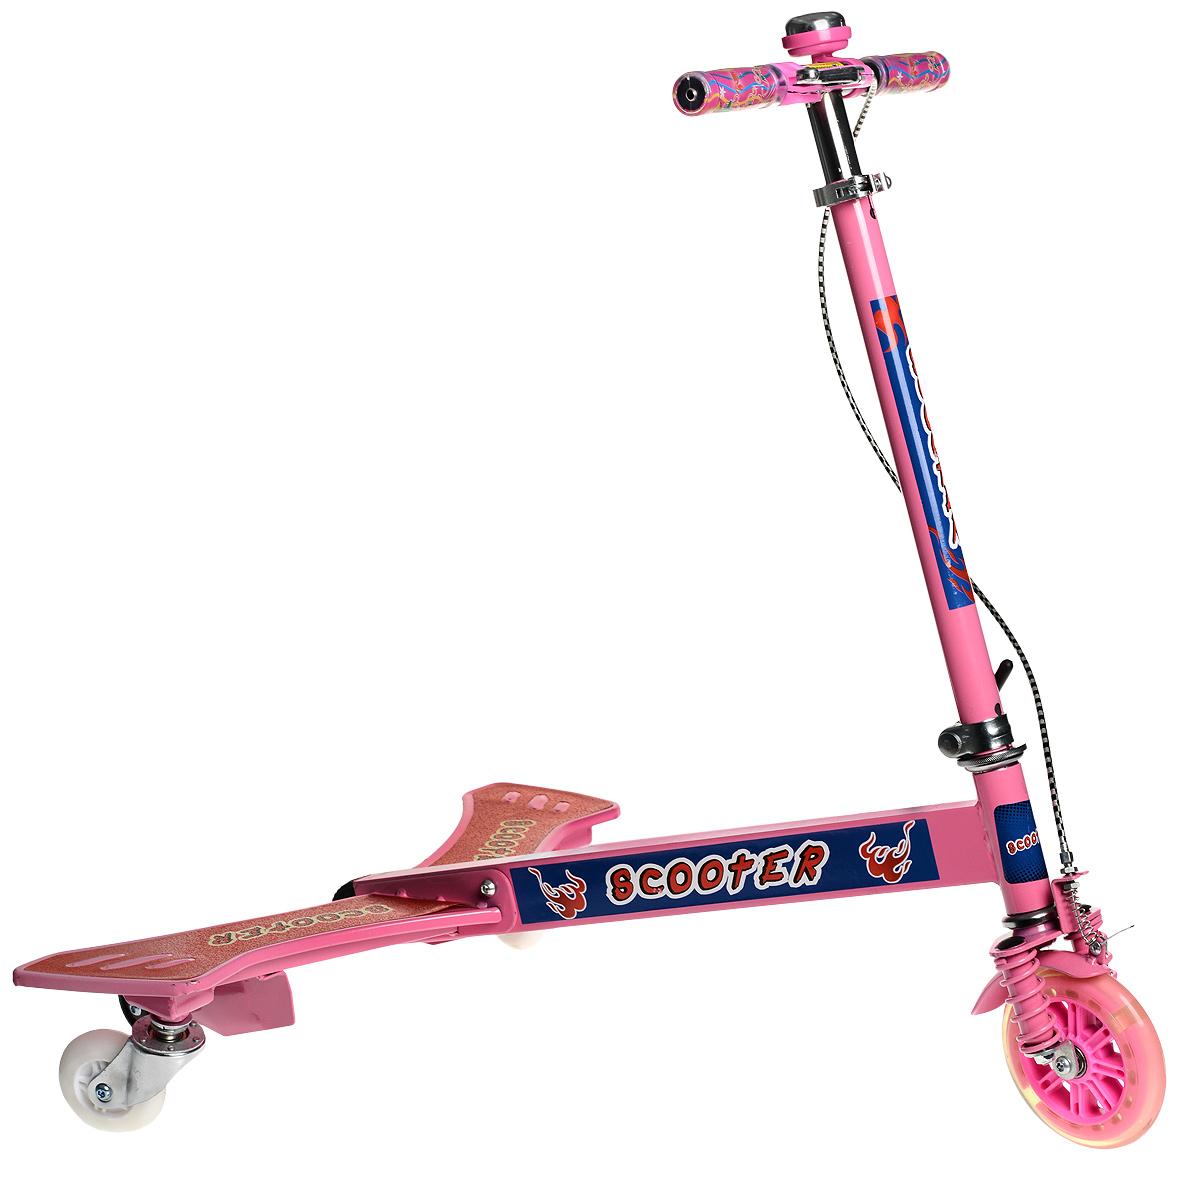 WSBD World Самокат тридер, цвет: розовый. BY859345BY859345_pinkКрылатый трехколесный самокат станет прекрасным подарком для любителя скорости и активного отдыха. Он представляет собой необычный тип самоката, но катание на нем будет интересно как детям, так и взрослым. Конструкция состоит их двух частей - передняя рулевая стойка с одним колесом и задняя платформа для ног. Во время катания не нужно отталкиваться ногой от земли, обеими ногами вы стоите на платформе, а приводите самокат в движение торсионными колебаниями нижней части своего корпуса. Два маленьких дополнительных колеса на платформе придают особую устойчивость на начальном этапе обучения катанию. Основные задние колеса разворачиваются на 360 градусов, что обеспечивает хорошую маневренность. Мягкие резиновые колеса обеспечивают движение без тряски, рукоятка самоката регулируется по высоте, ручки покрыты мягким прорезиненным материалом, что позволяет избежать мозолей на ладонях. Платформа самоката дополнена специальным покрытием, благодаря которому нога не будет соскальзывать с нее....